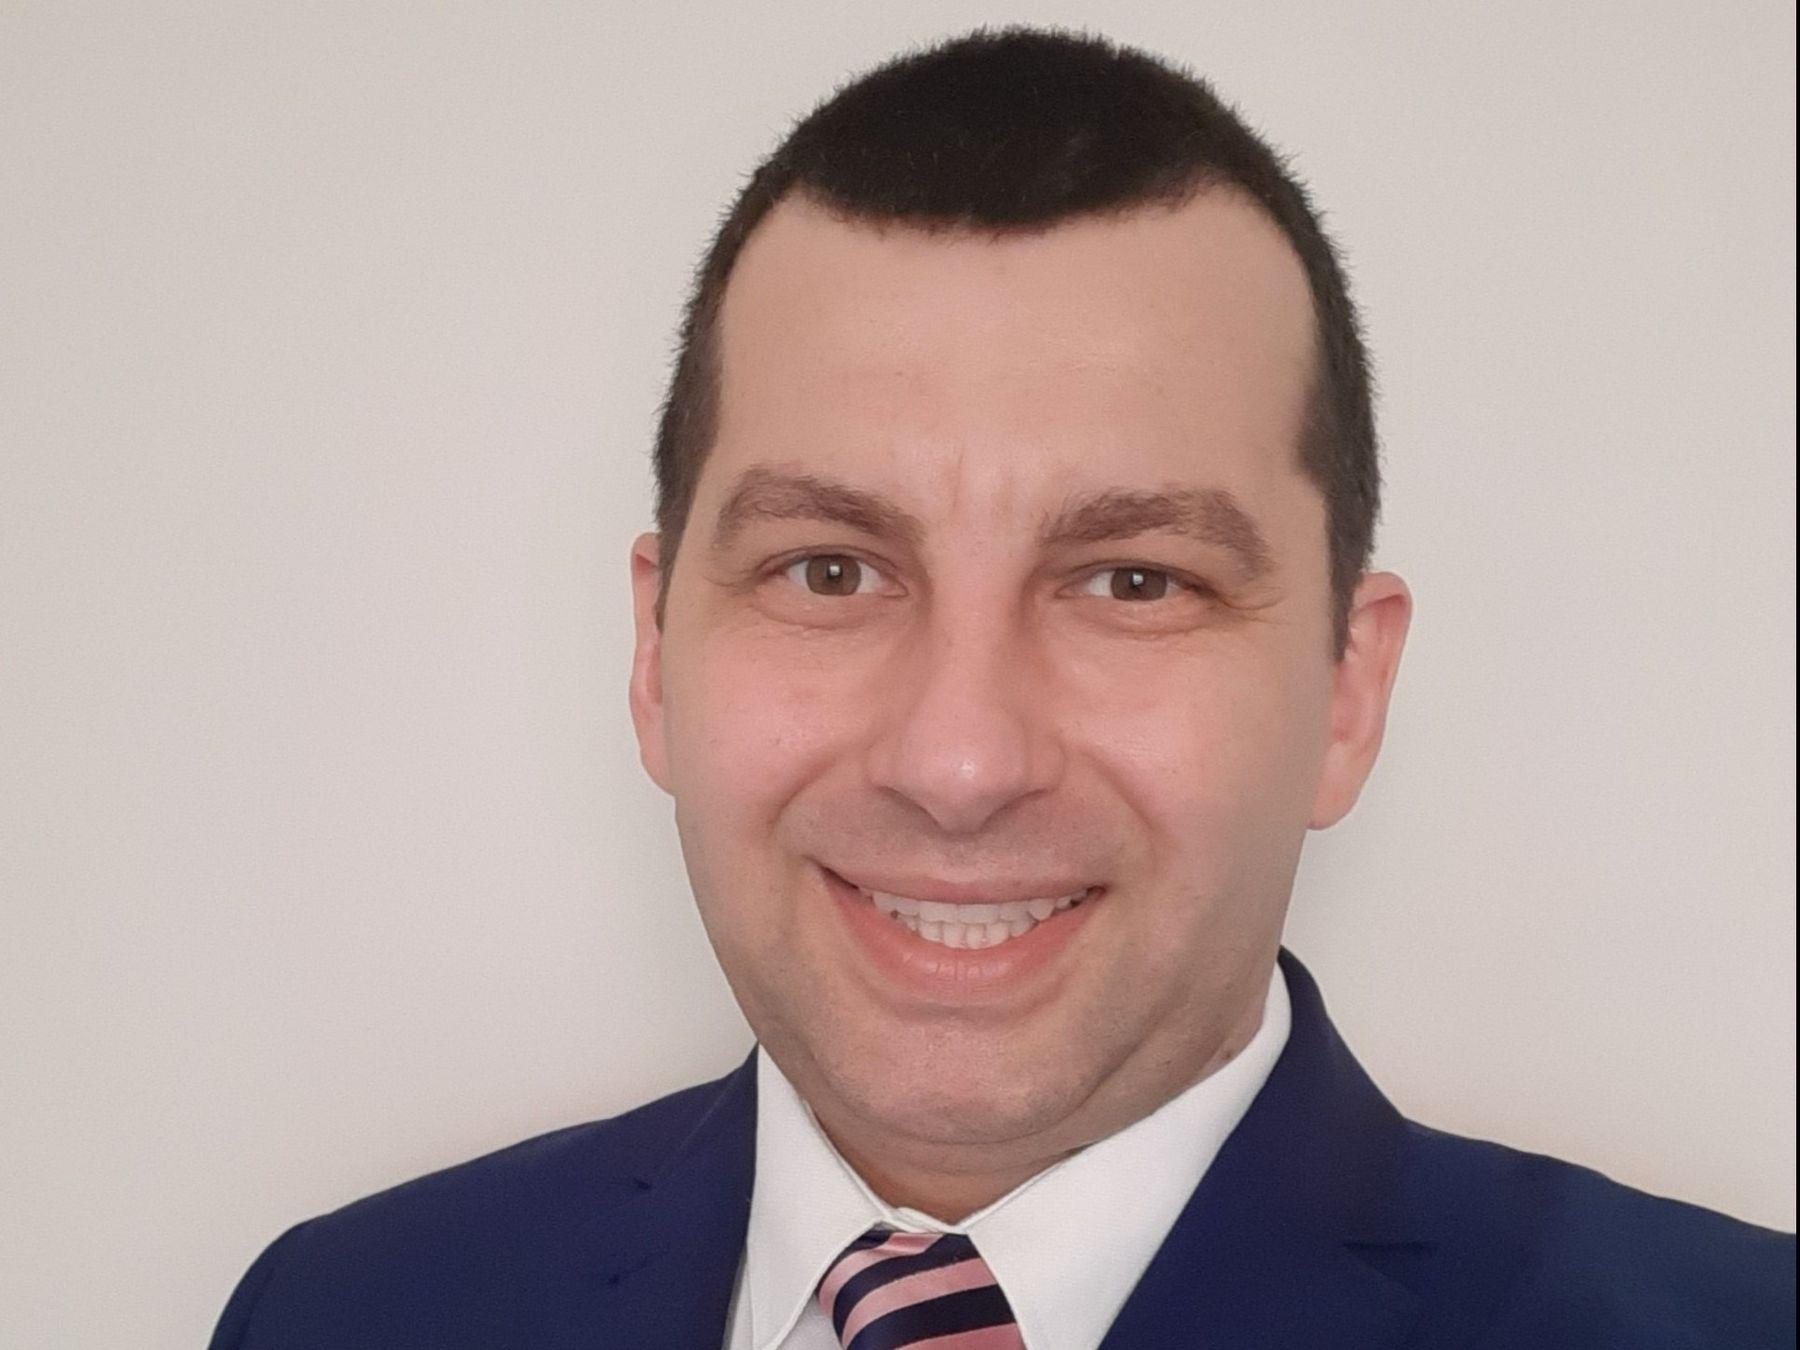 Shukri Afazov